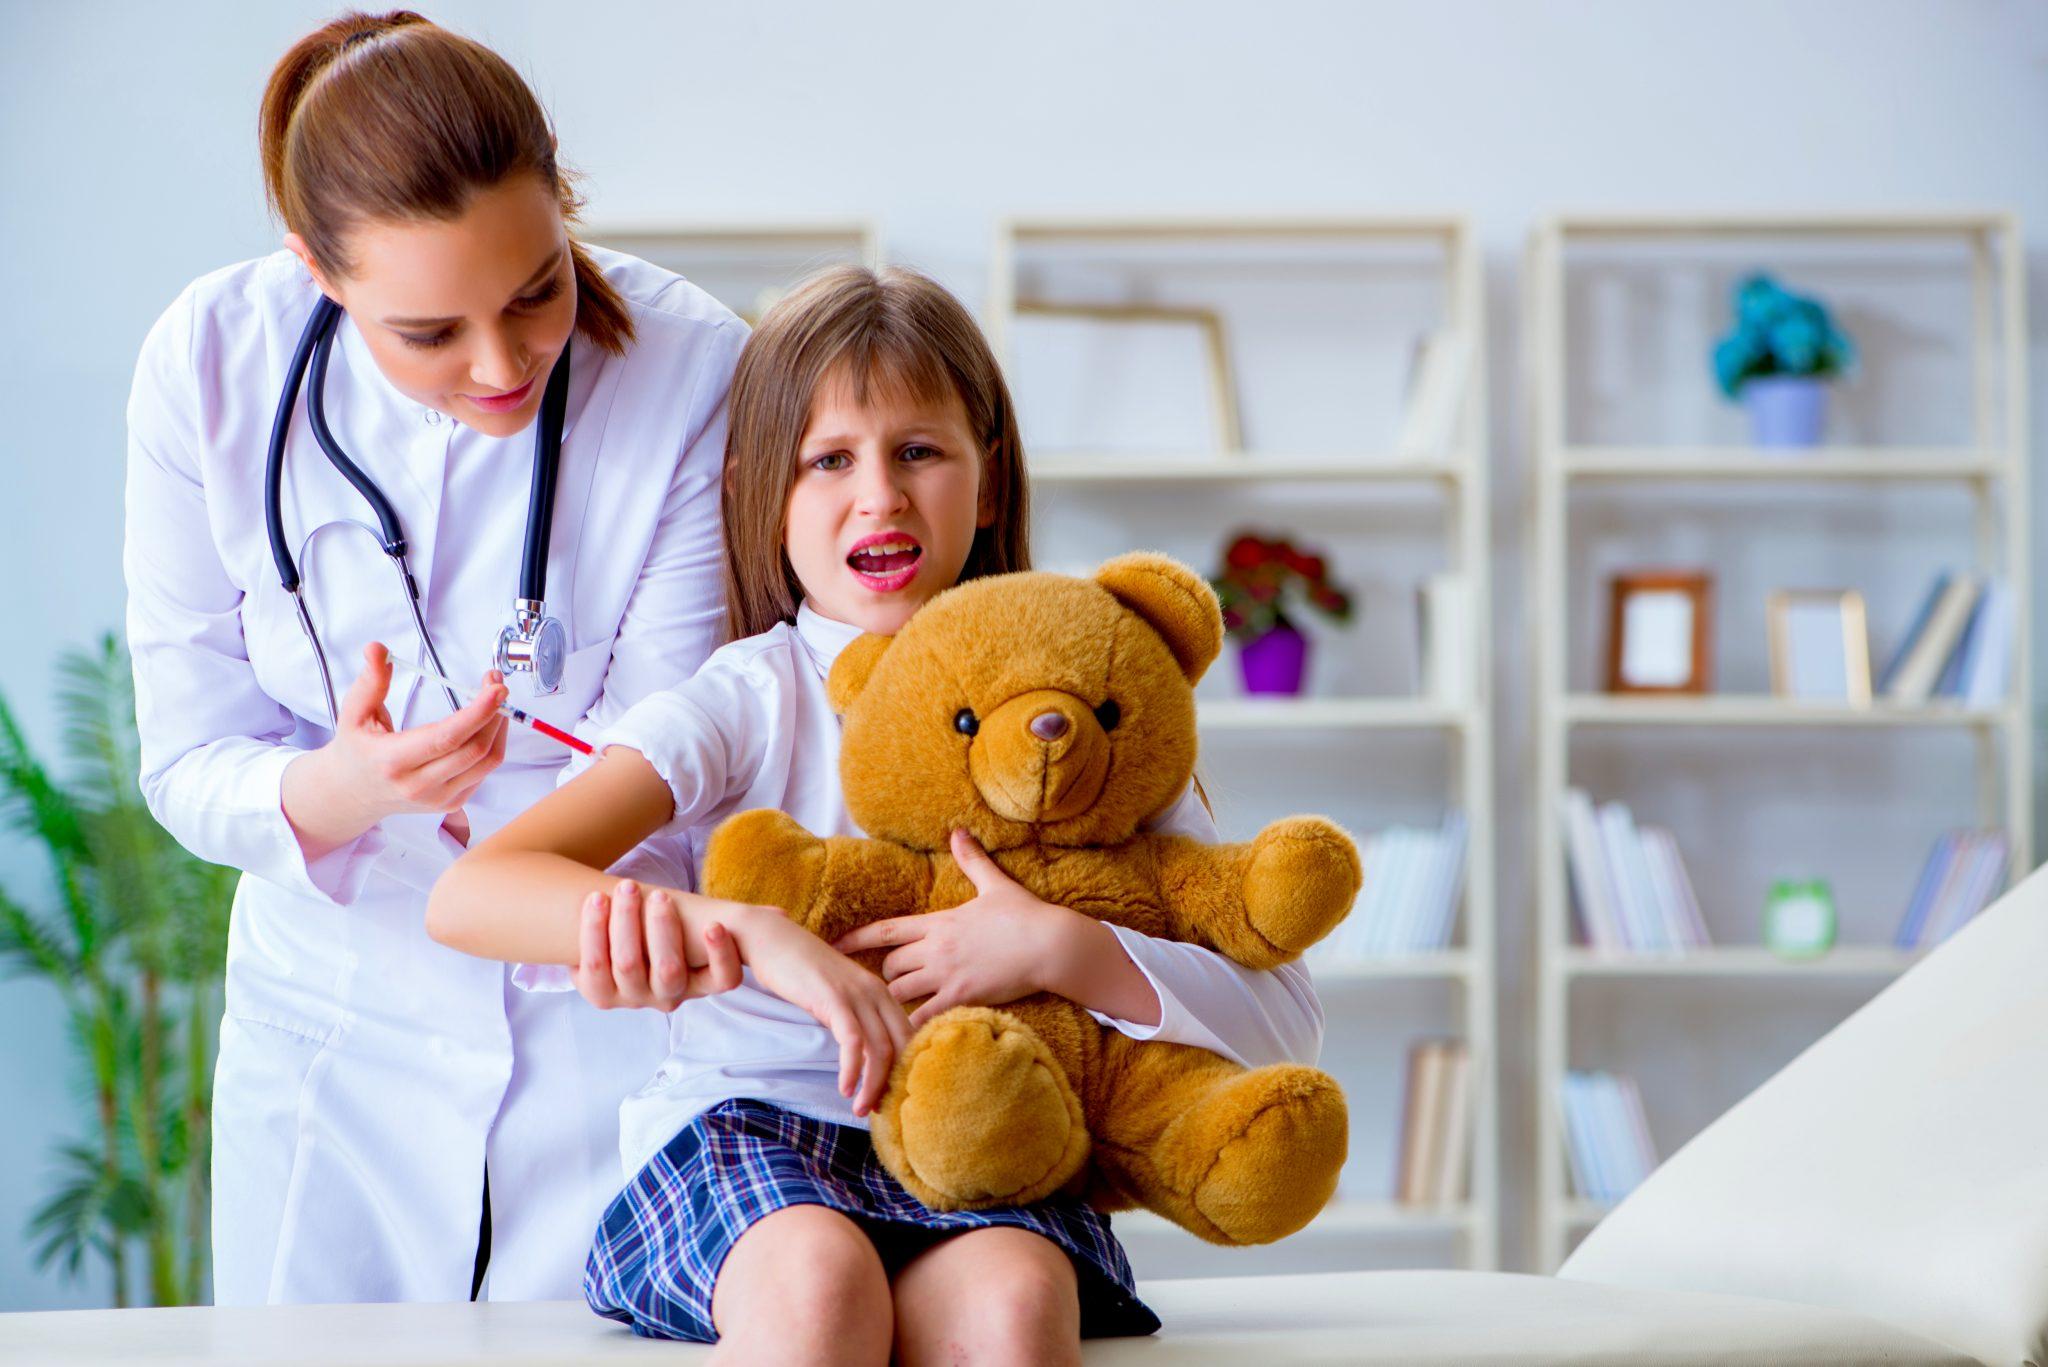 予防接種の注射をされている女の子